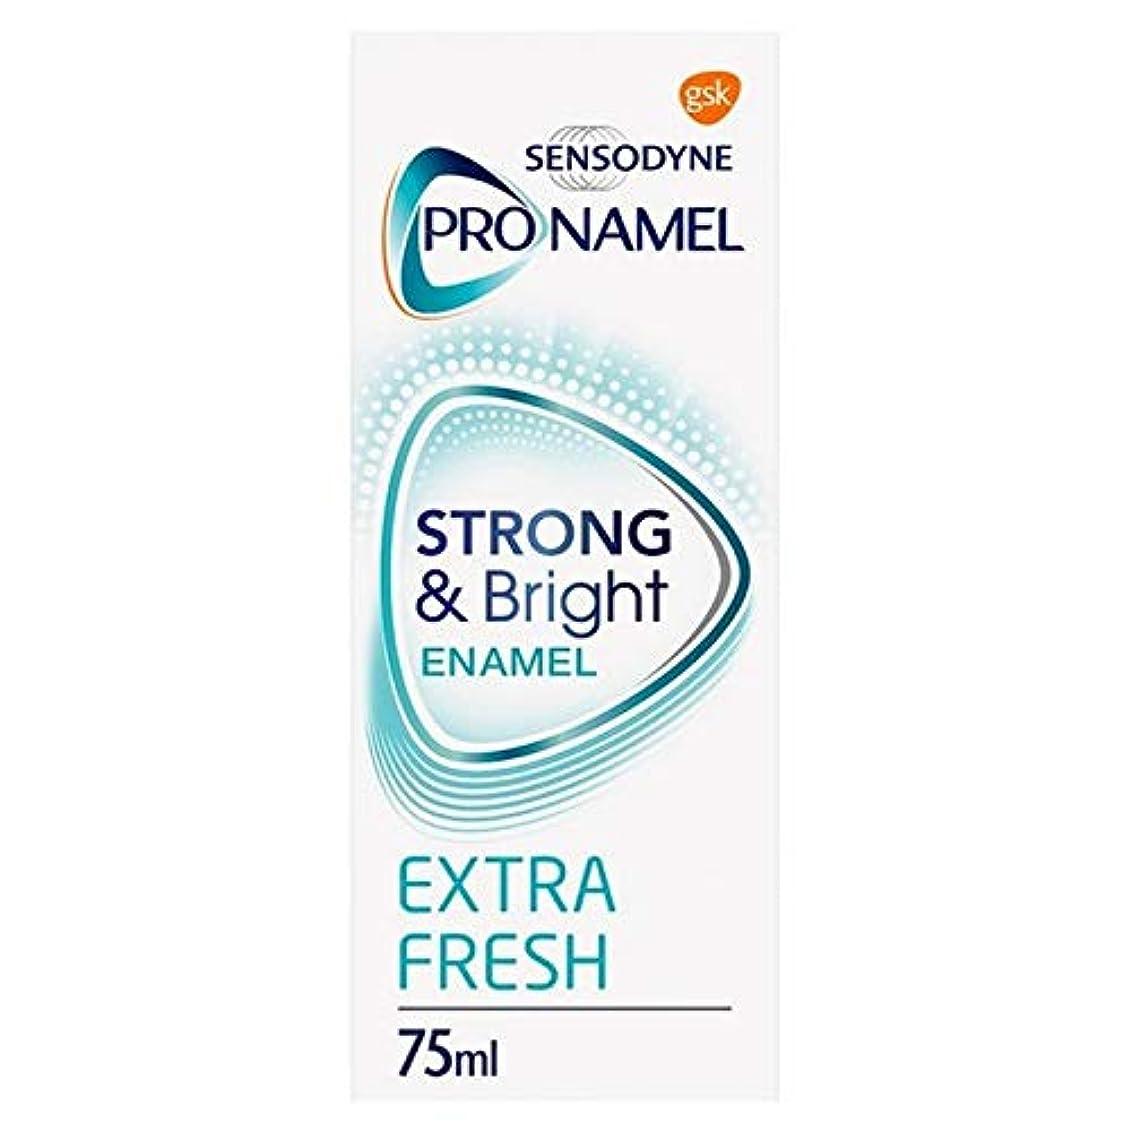 精査する手書き対応する[Sensodyne] SensodyneのPronamel強い&ブライト歯磨き粉75ミリリットル - Sensodyne Pronamel Strong & Bright Toothpaste 75ml [並行輸入品]